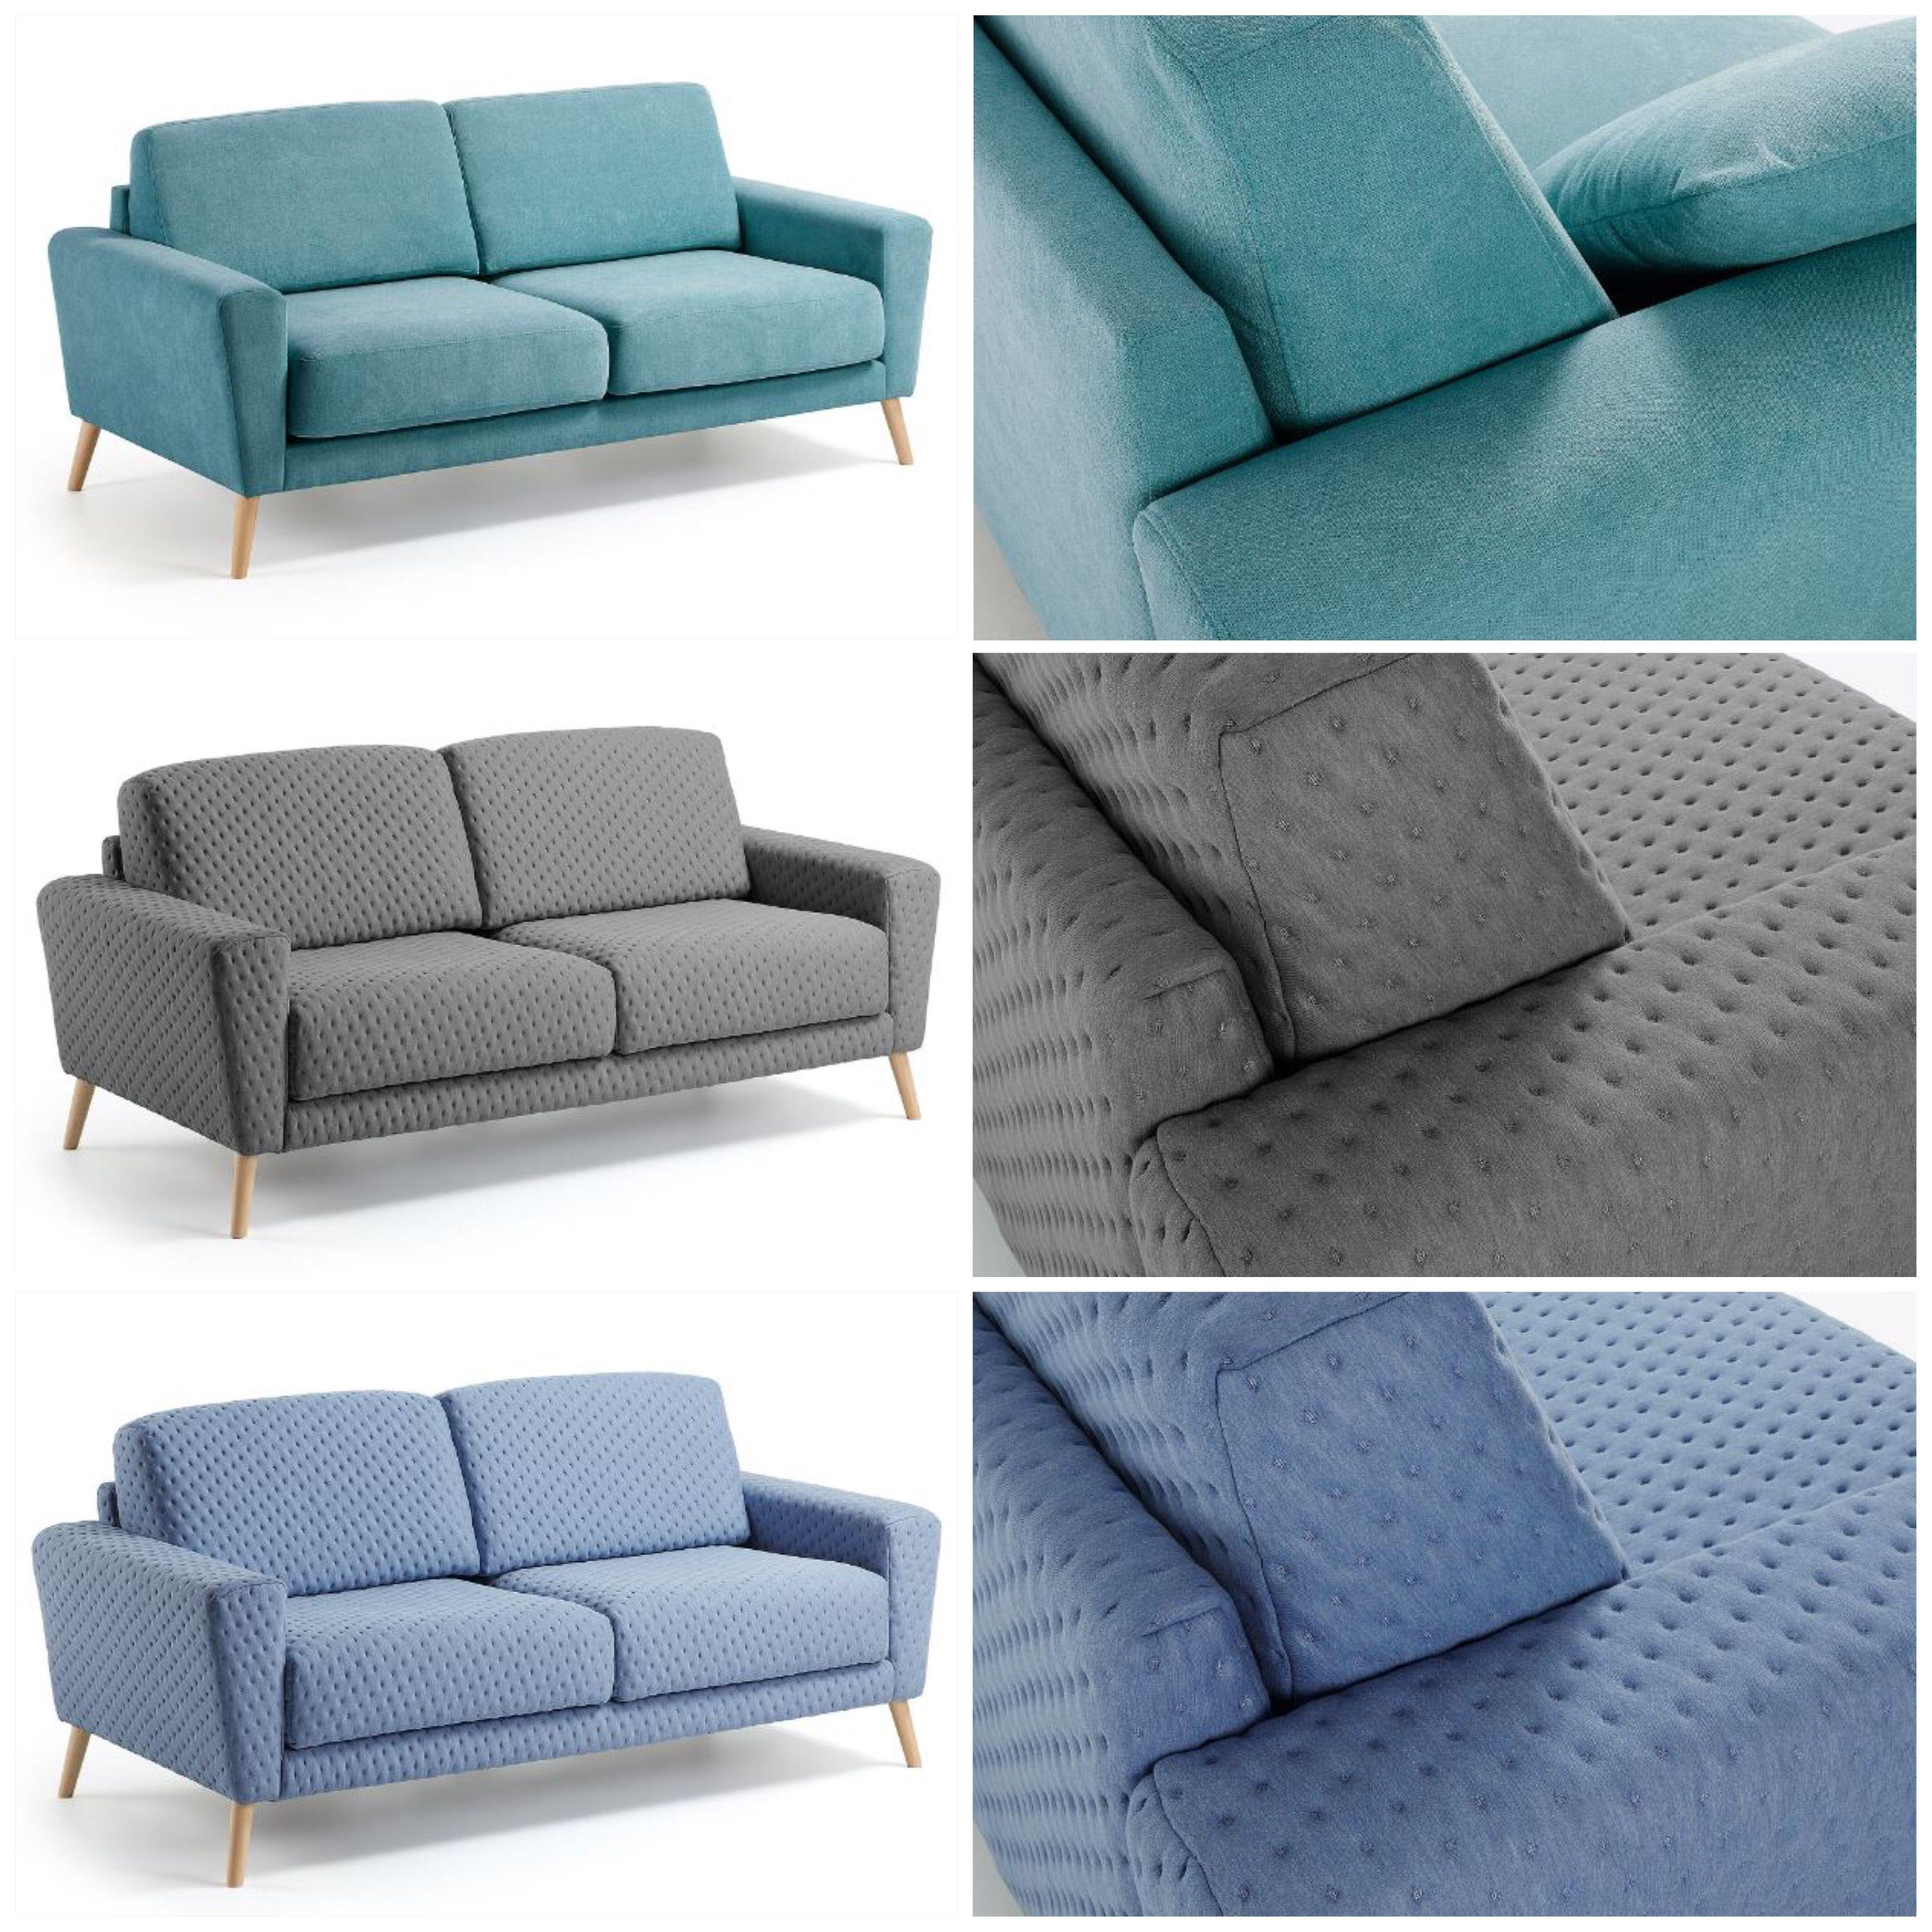 Sofa modell GUY☀ 🍃 Herlige Nyheter i nettbutikken🛋